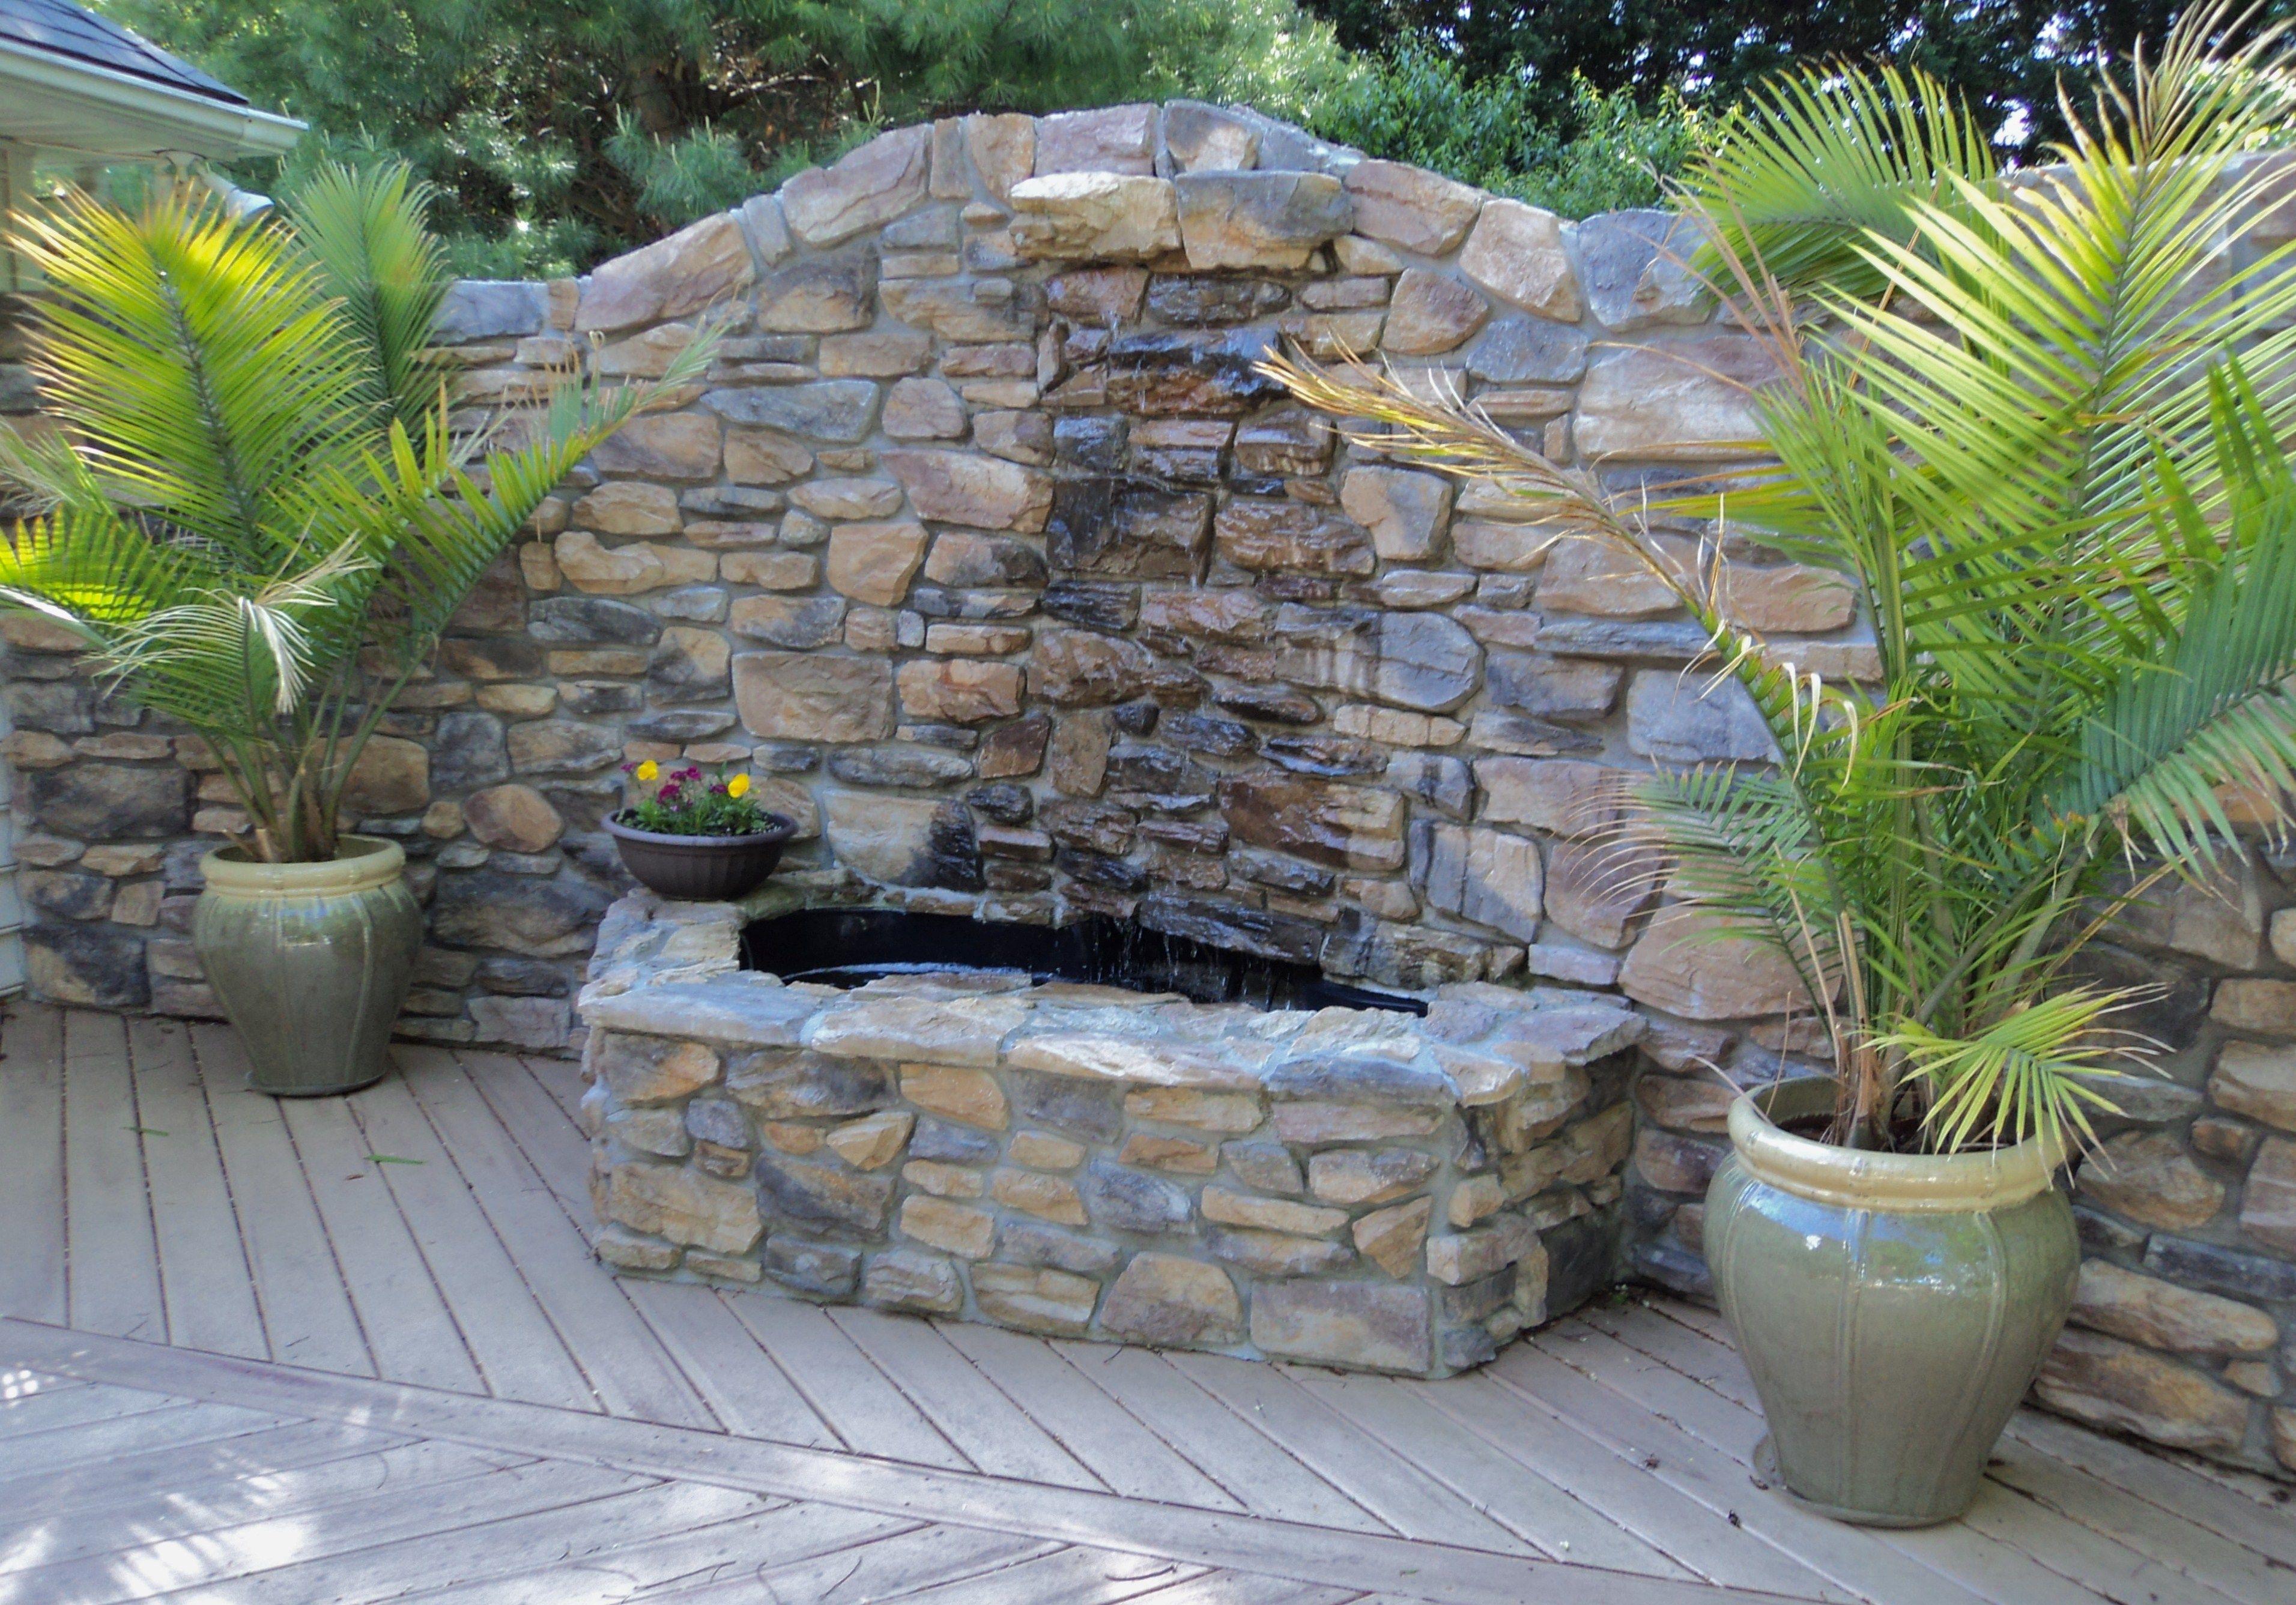 RA Krop stone wall fountain57 3823—2673